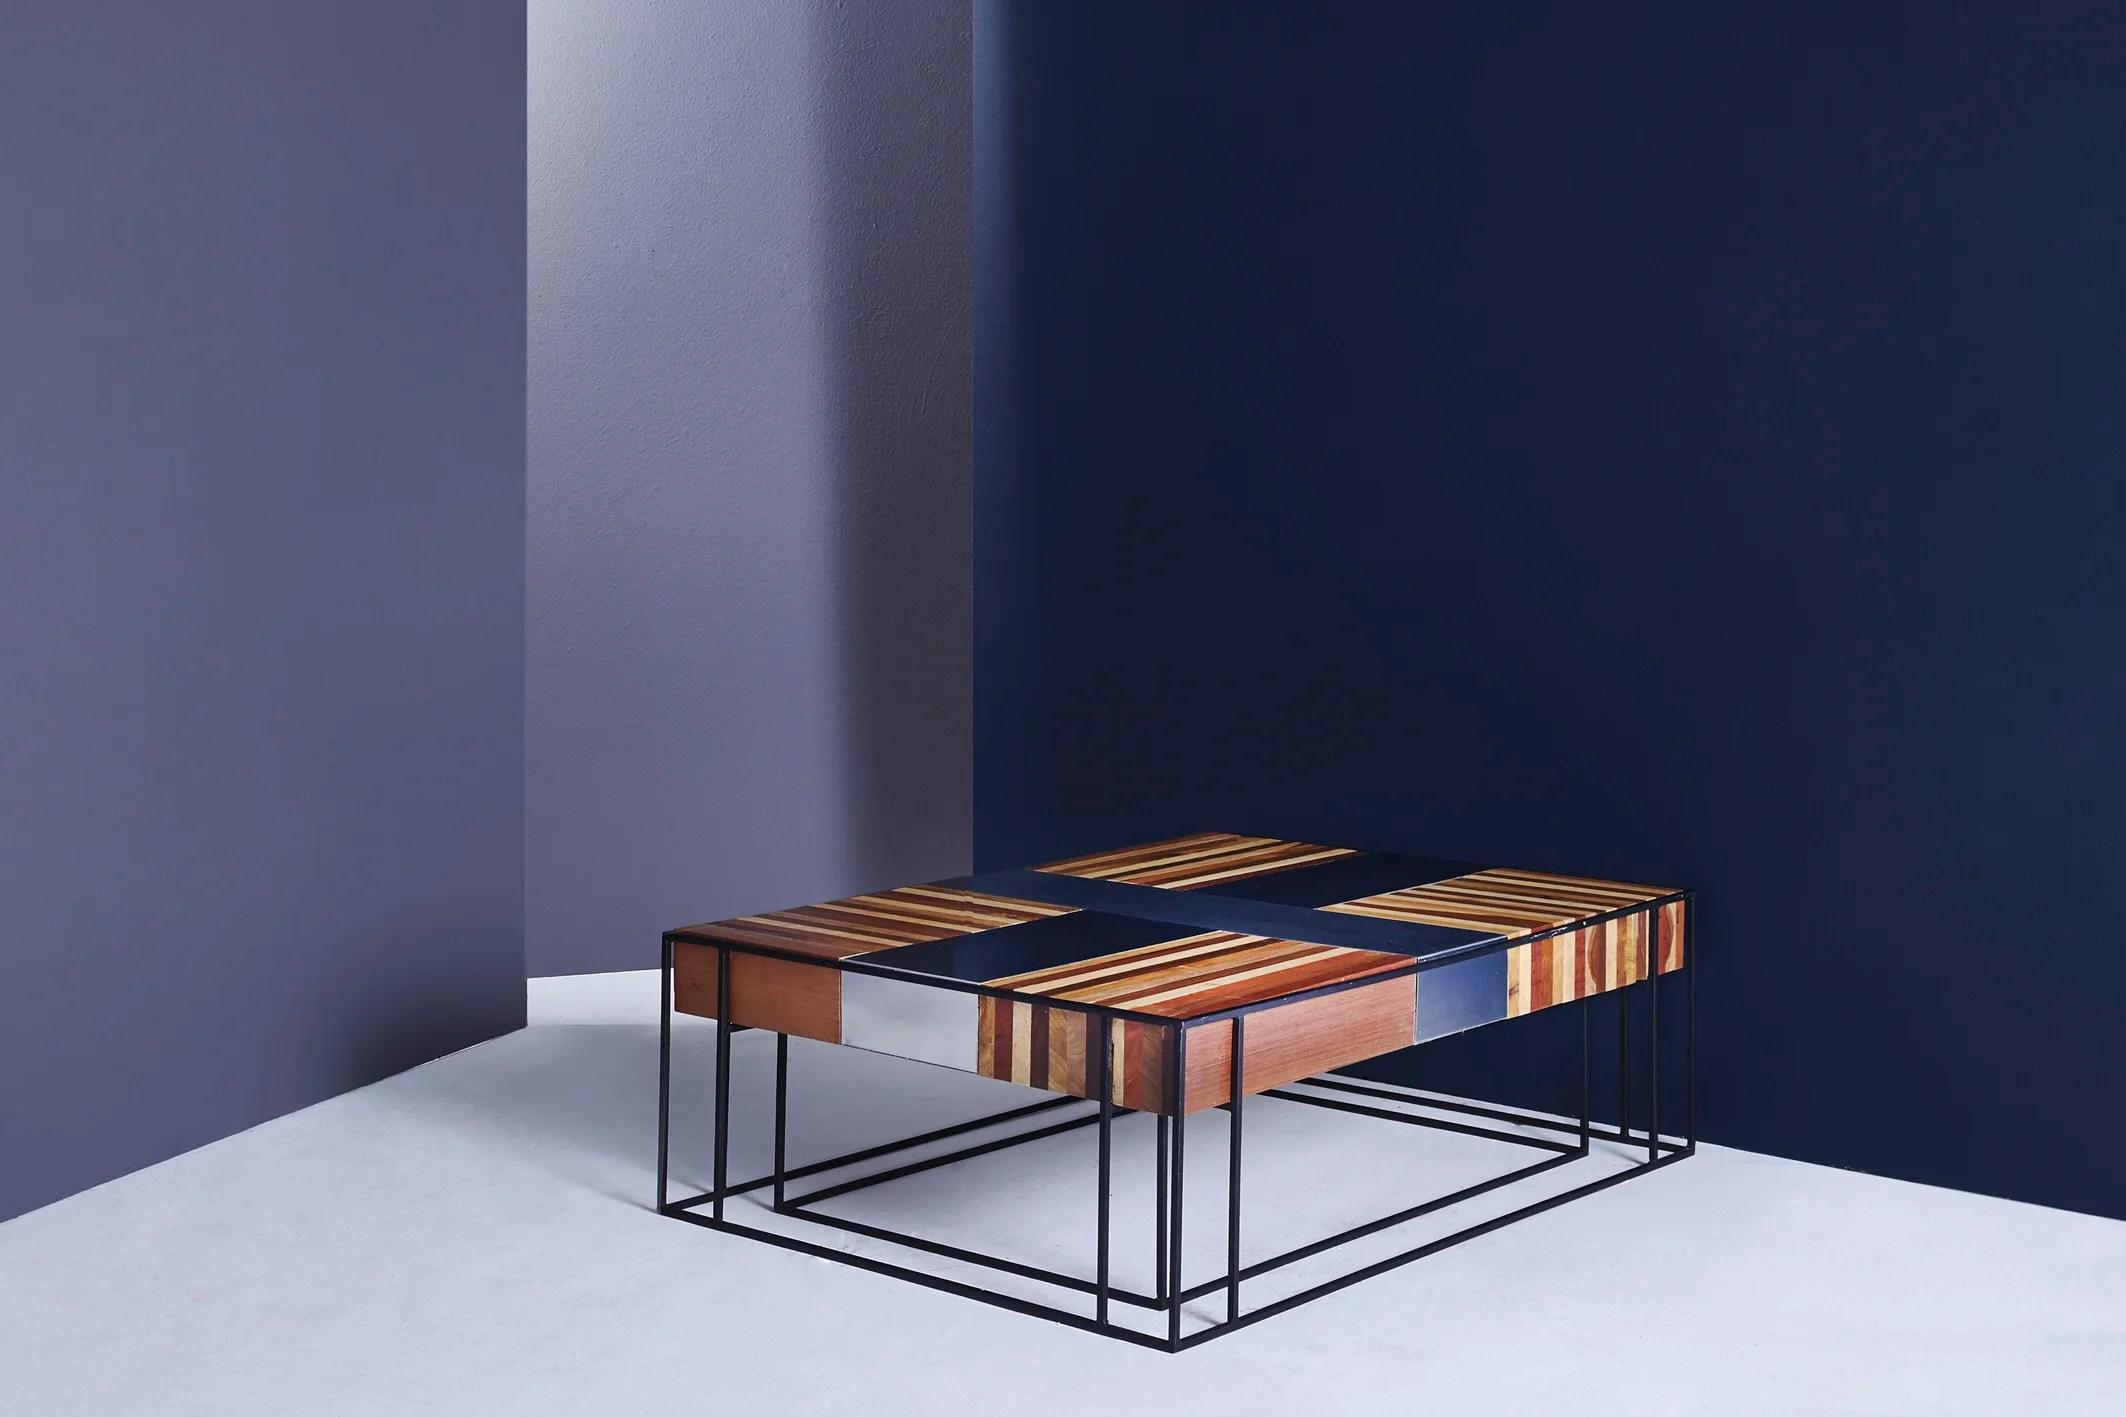 Mesa Cruz de Acero. Medidas: 1.10cm * 80cm / 34.5cm alto Materiales: hierro, madera, acero inoxidable.